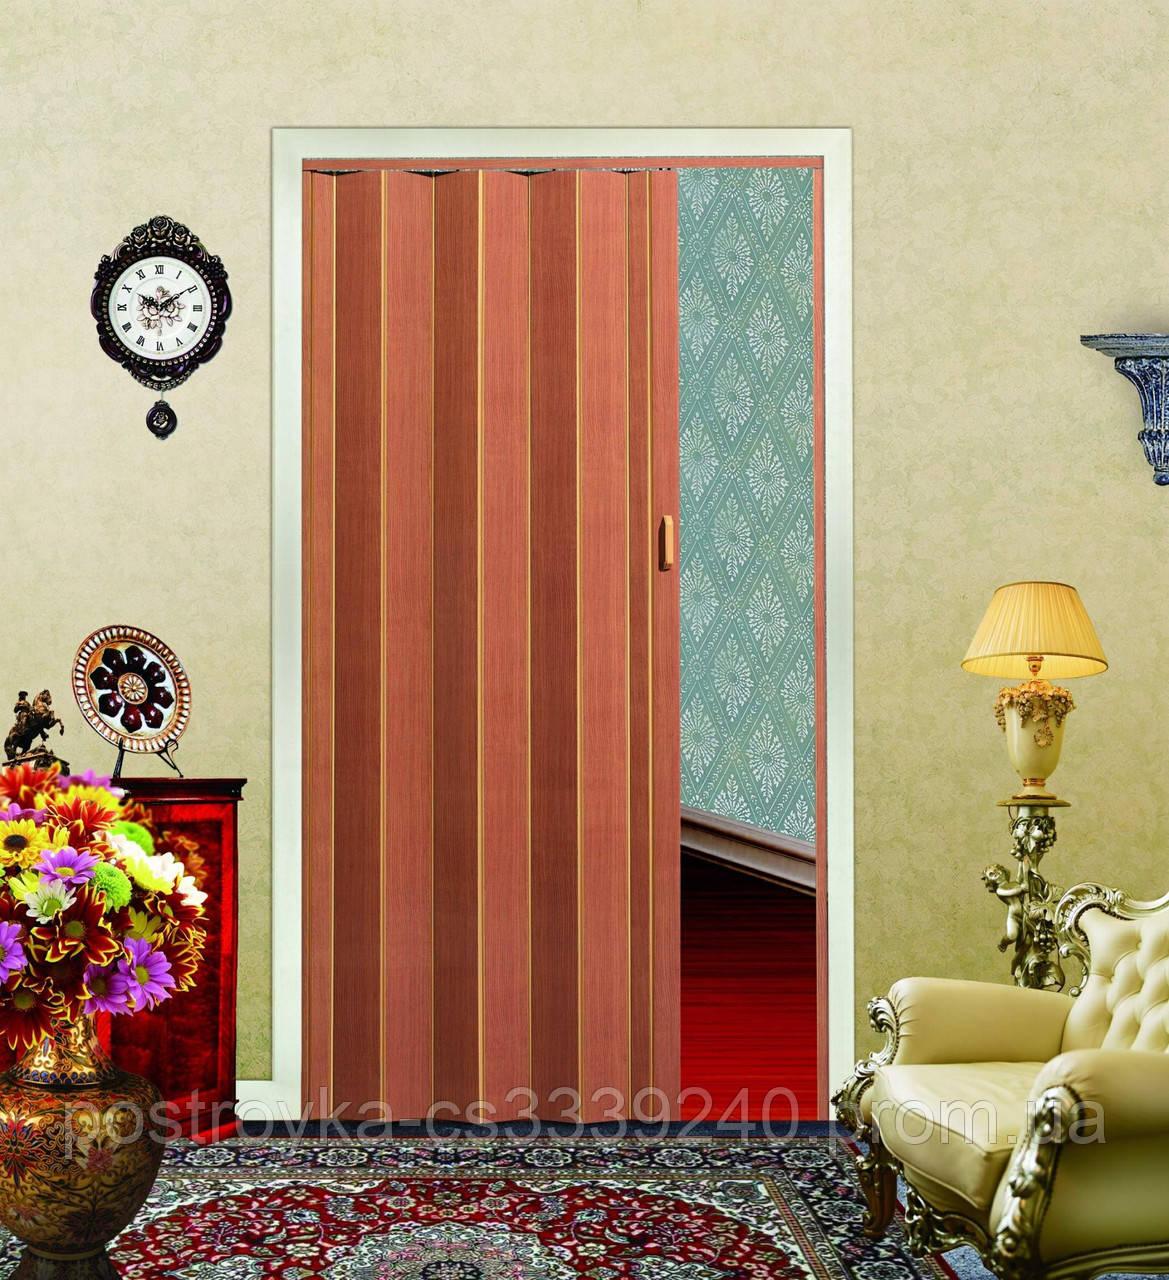 Двери гармошка Мербау Folding  межкомнатные , глухие, складные, раздвижные, пластиковые, скрытые (без стела)